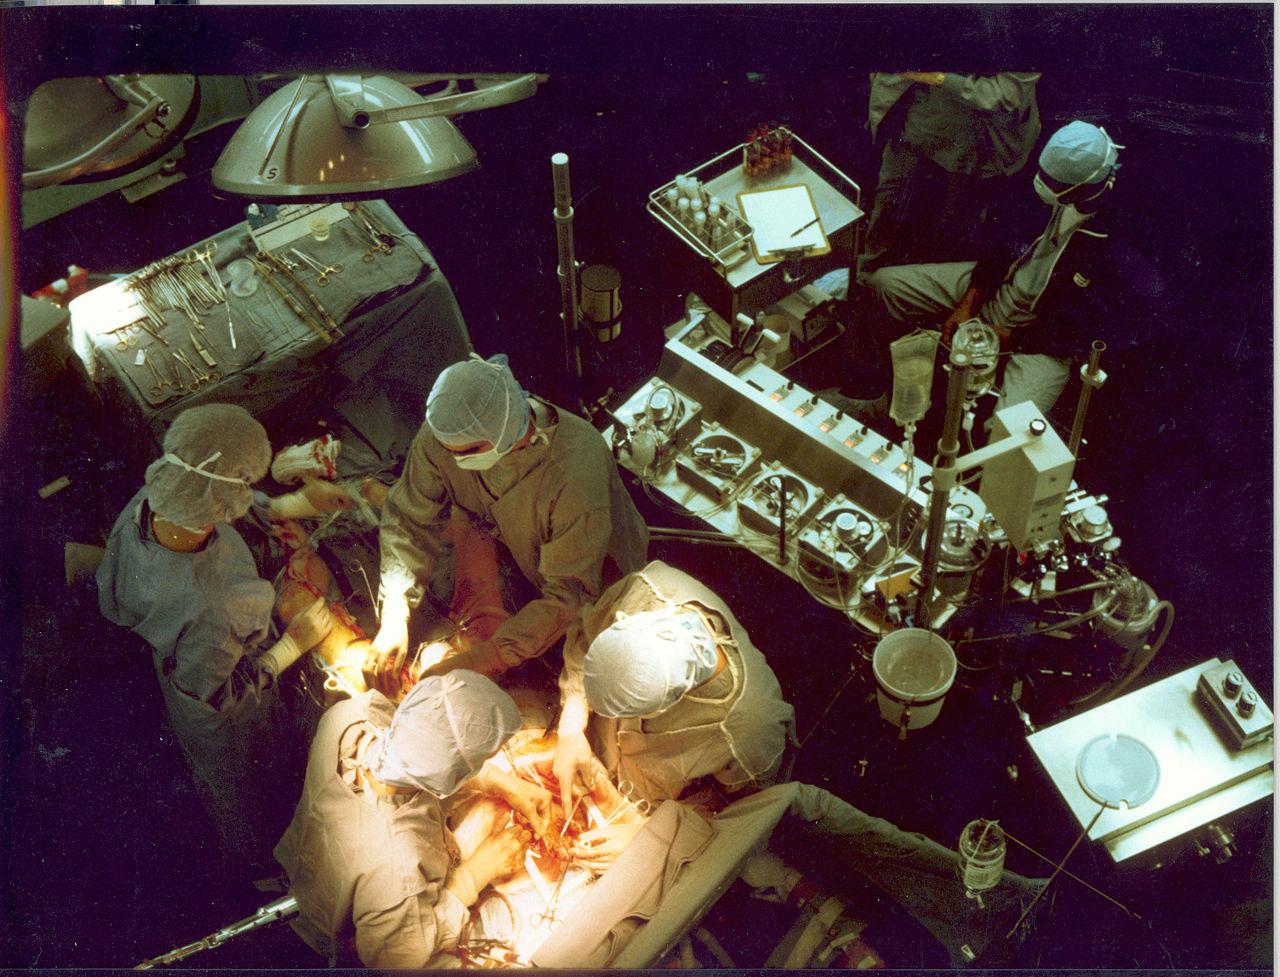 Ο γιατρός που ανακάλυψε το Bypass και έσωσε εκατομμύρια ασθενείς. Απογοητευμένος, αυτοκτόνησε με μία σφαίρα στην καρδιά του. Η ιστορία του  Ρενέ Φαβαλόρο